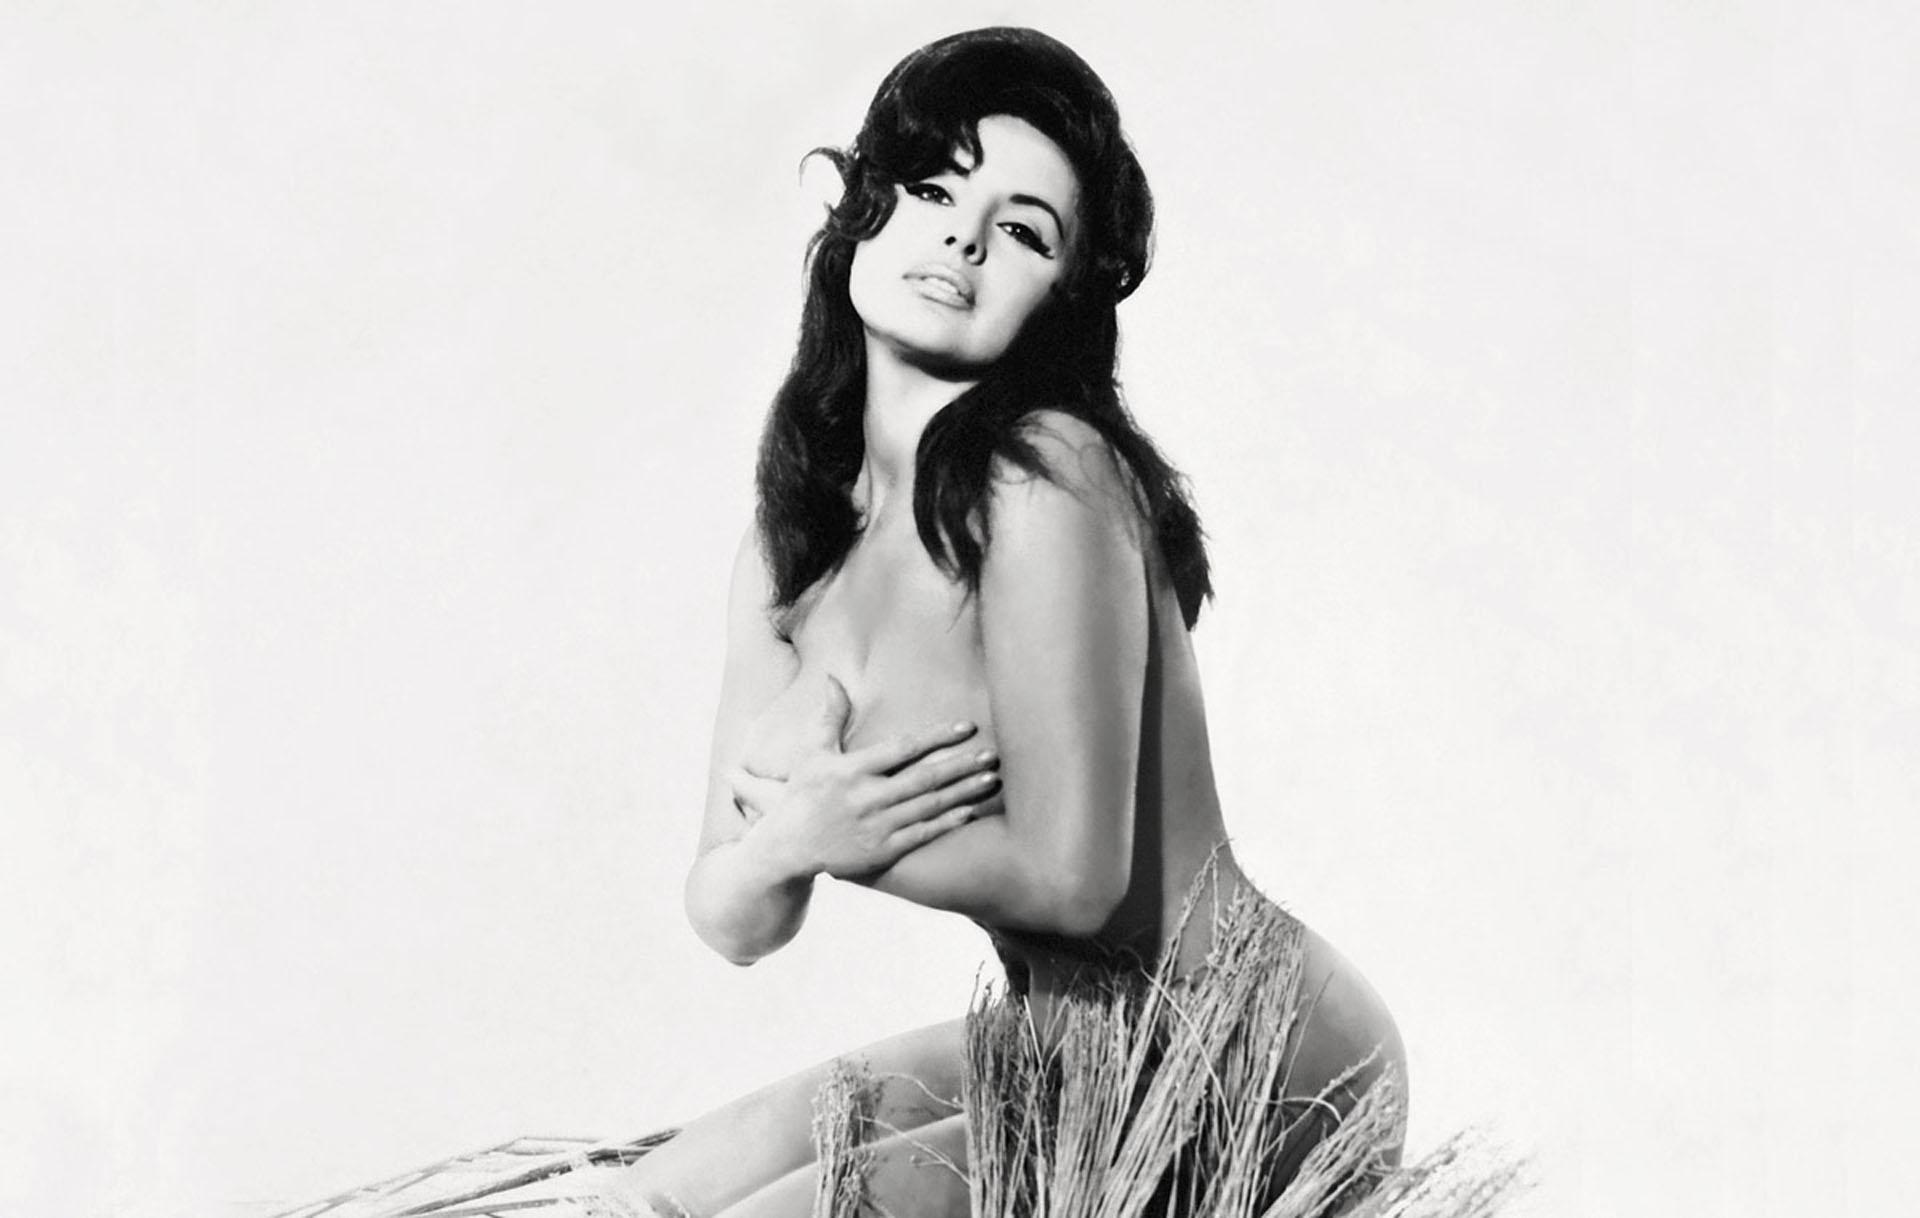 La actriz y vedette Hilda Isabel Gorrindo Sarli nació en Concordia, Entre Ríos, el 9 de julio de 1929